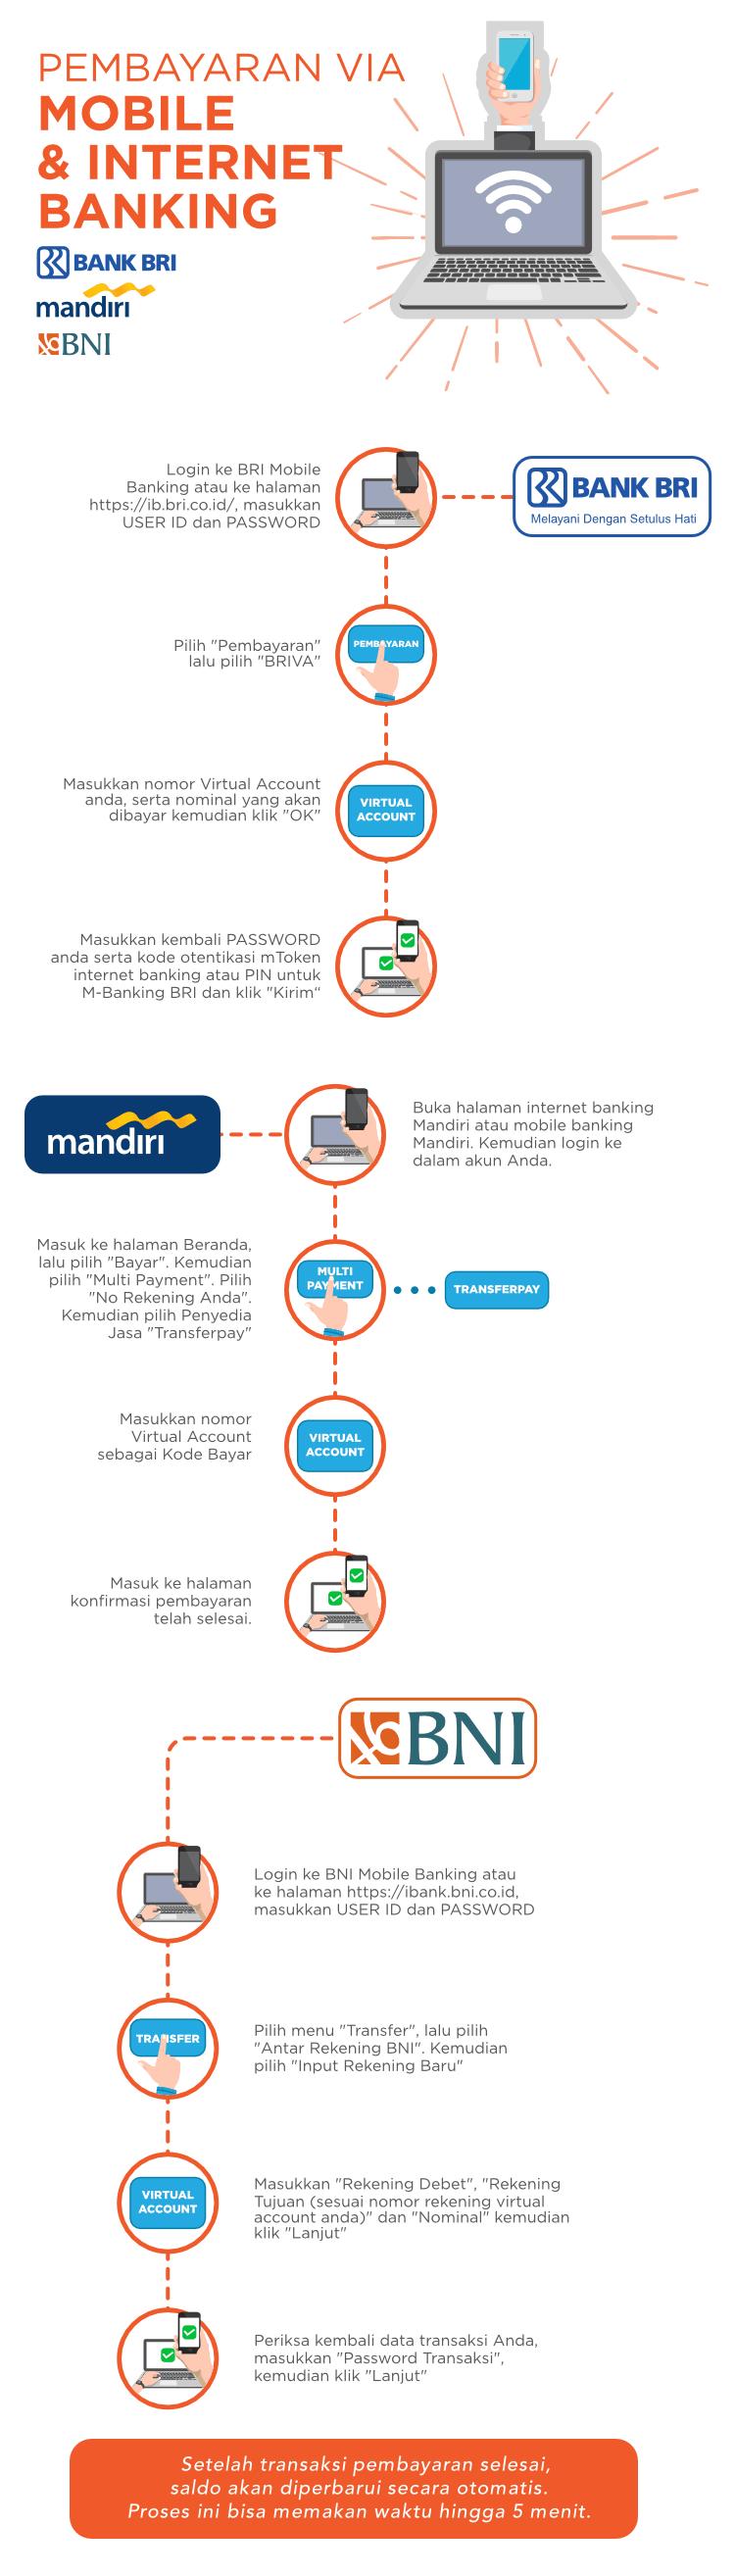 Pembayaran Via Mobile & Internet Banking BRI, Mandiri dan BNI